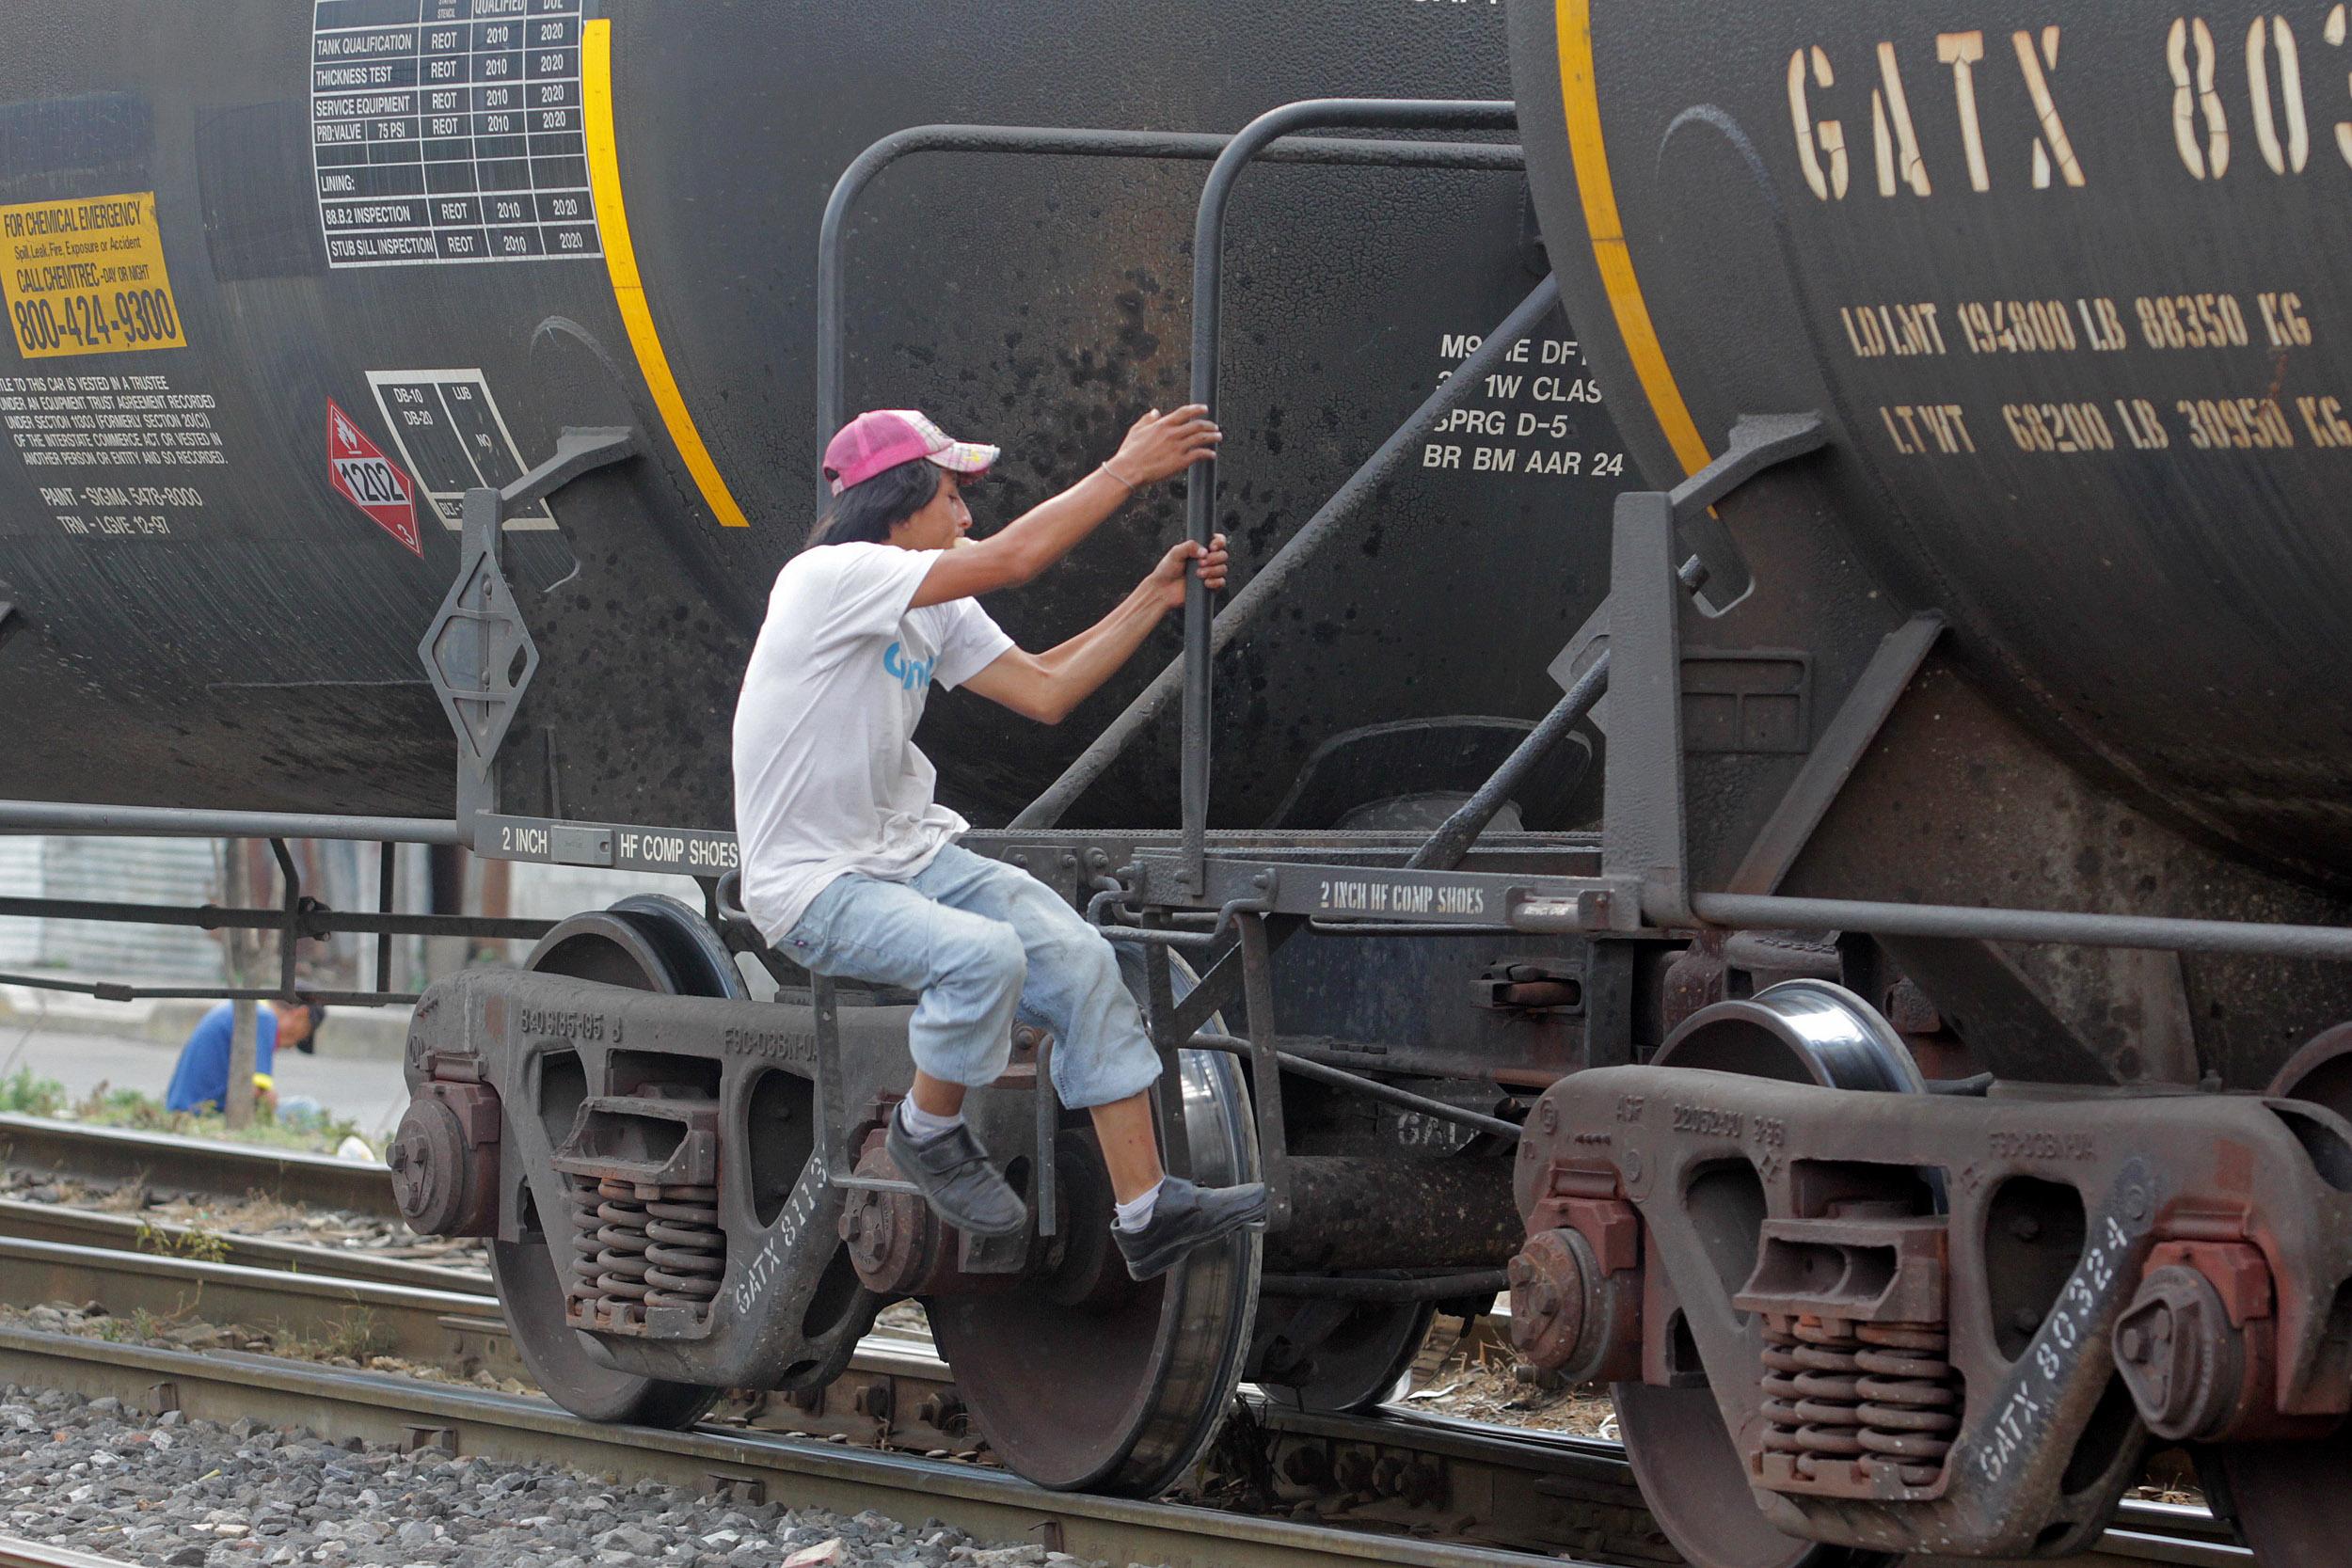 Apenas dan chamba en Puebla a 10 migrantes al mes